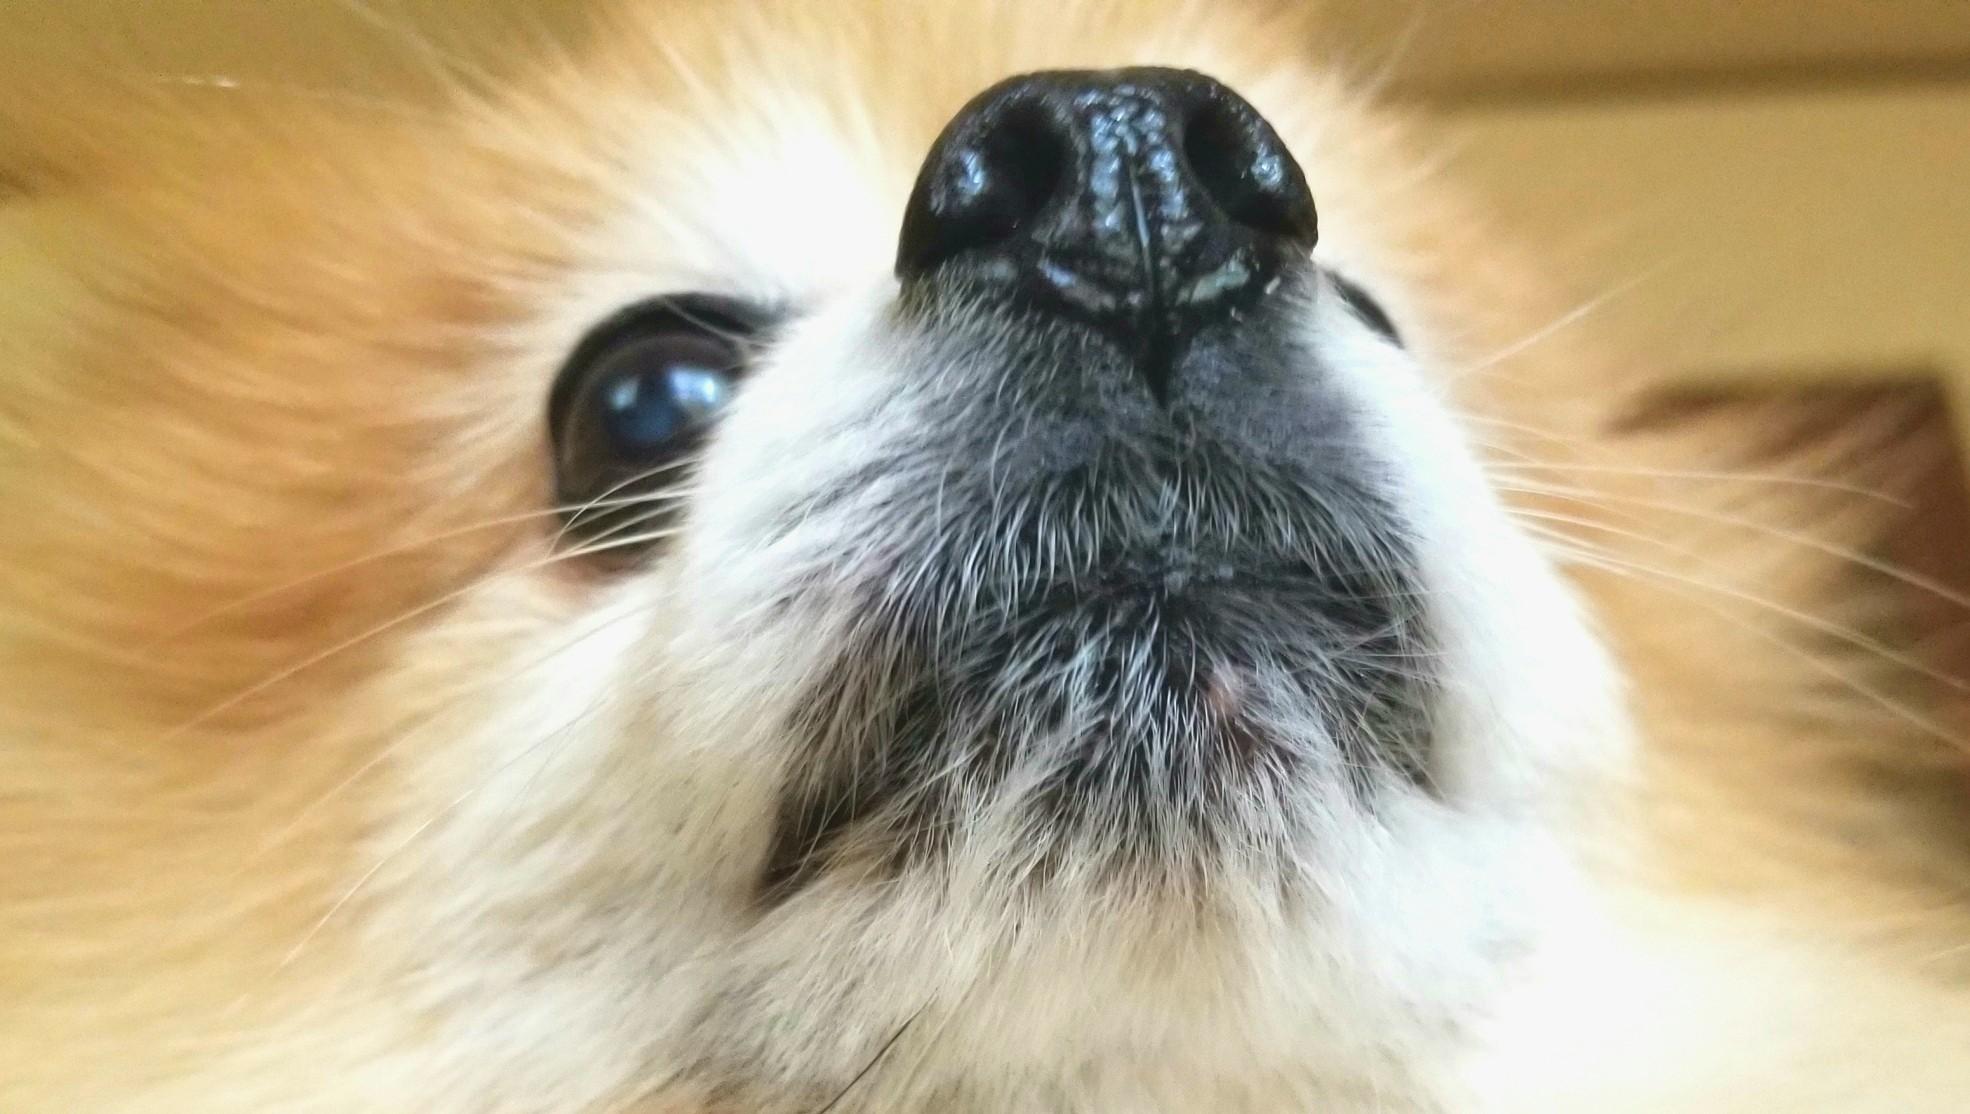 愛犬家,ペット可愛い表情のポメラニアン,アップ顔,鼻目,犬好き